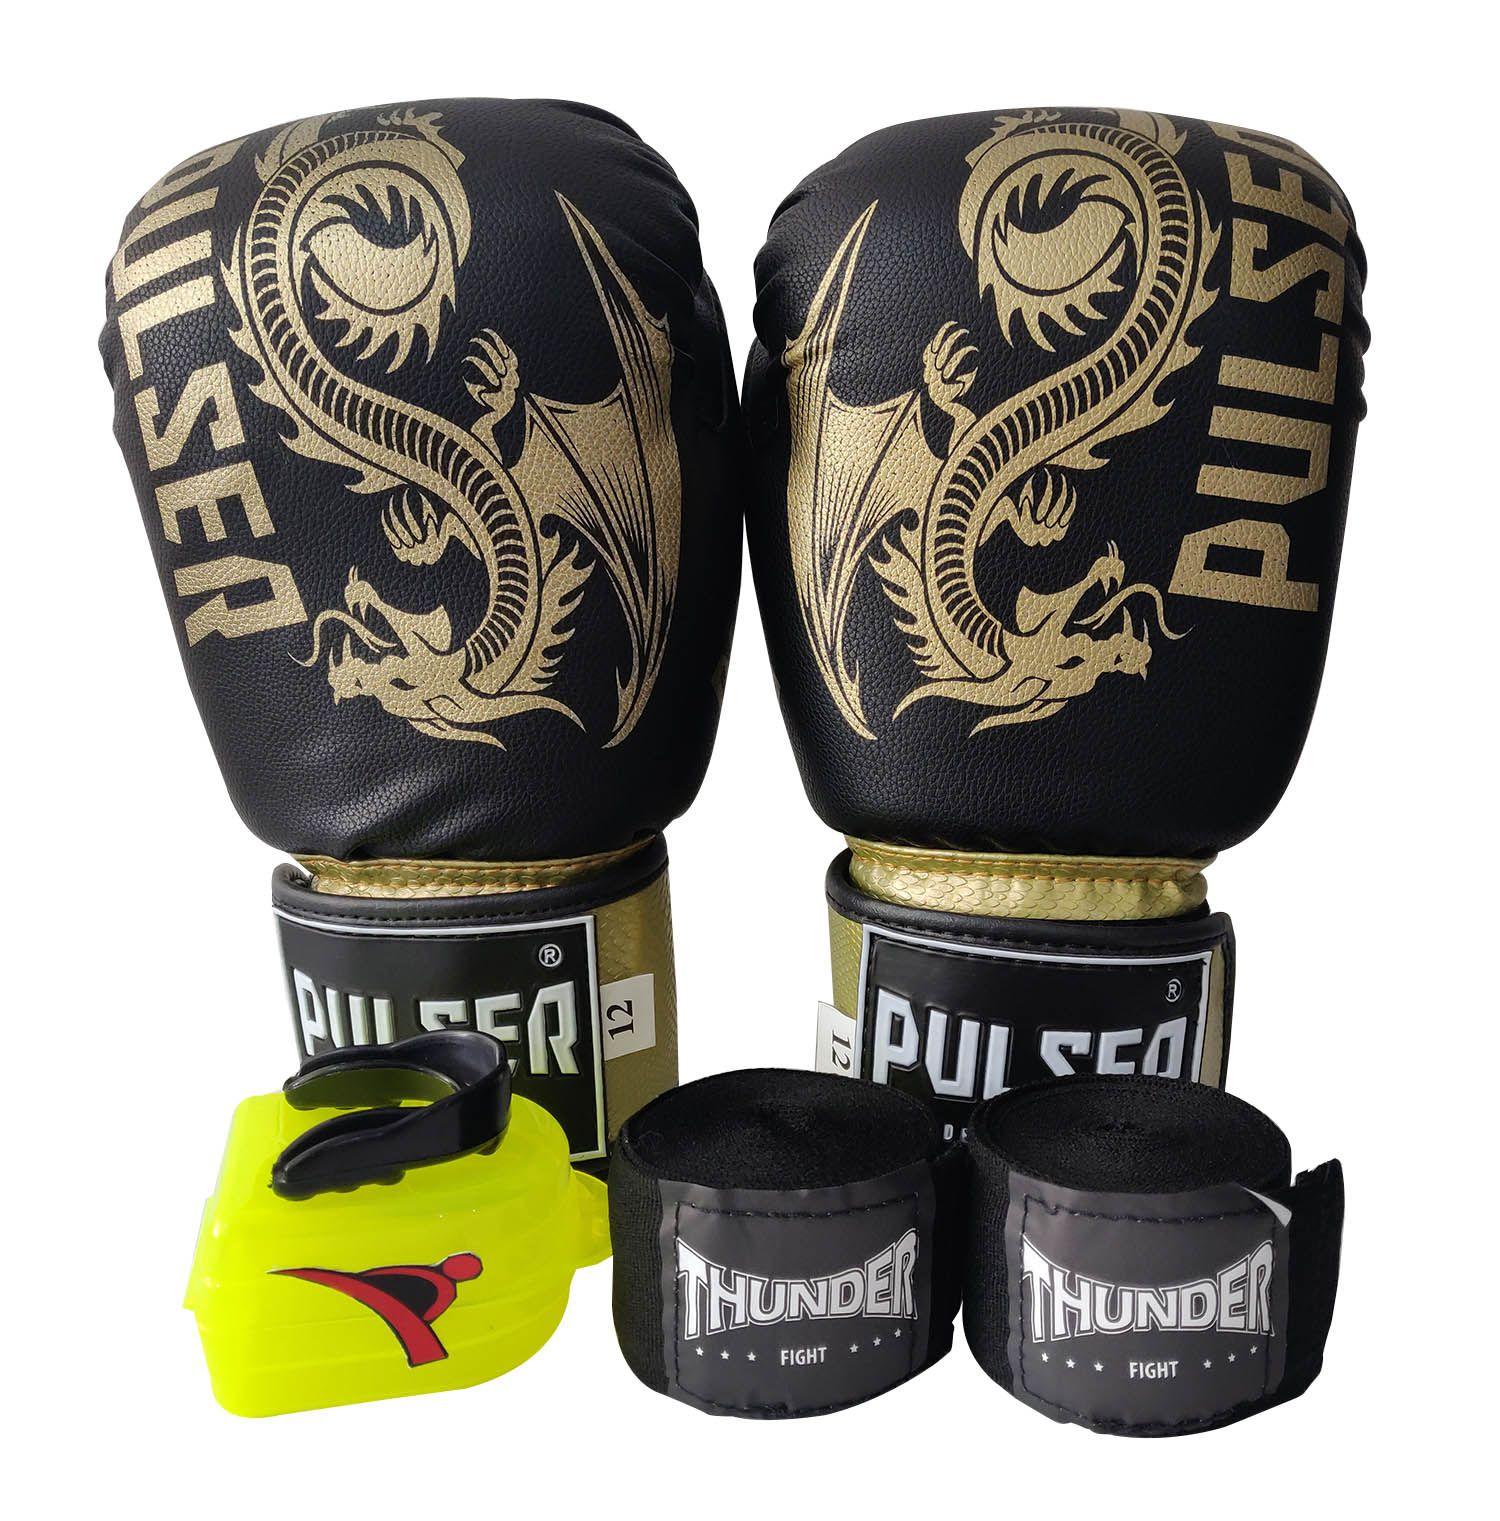 Kit de Boxe / Muay Thai 12oz - Dragão Preto / Dourado Riscado - Pulser  - PRALUTA SHOP